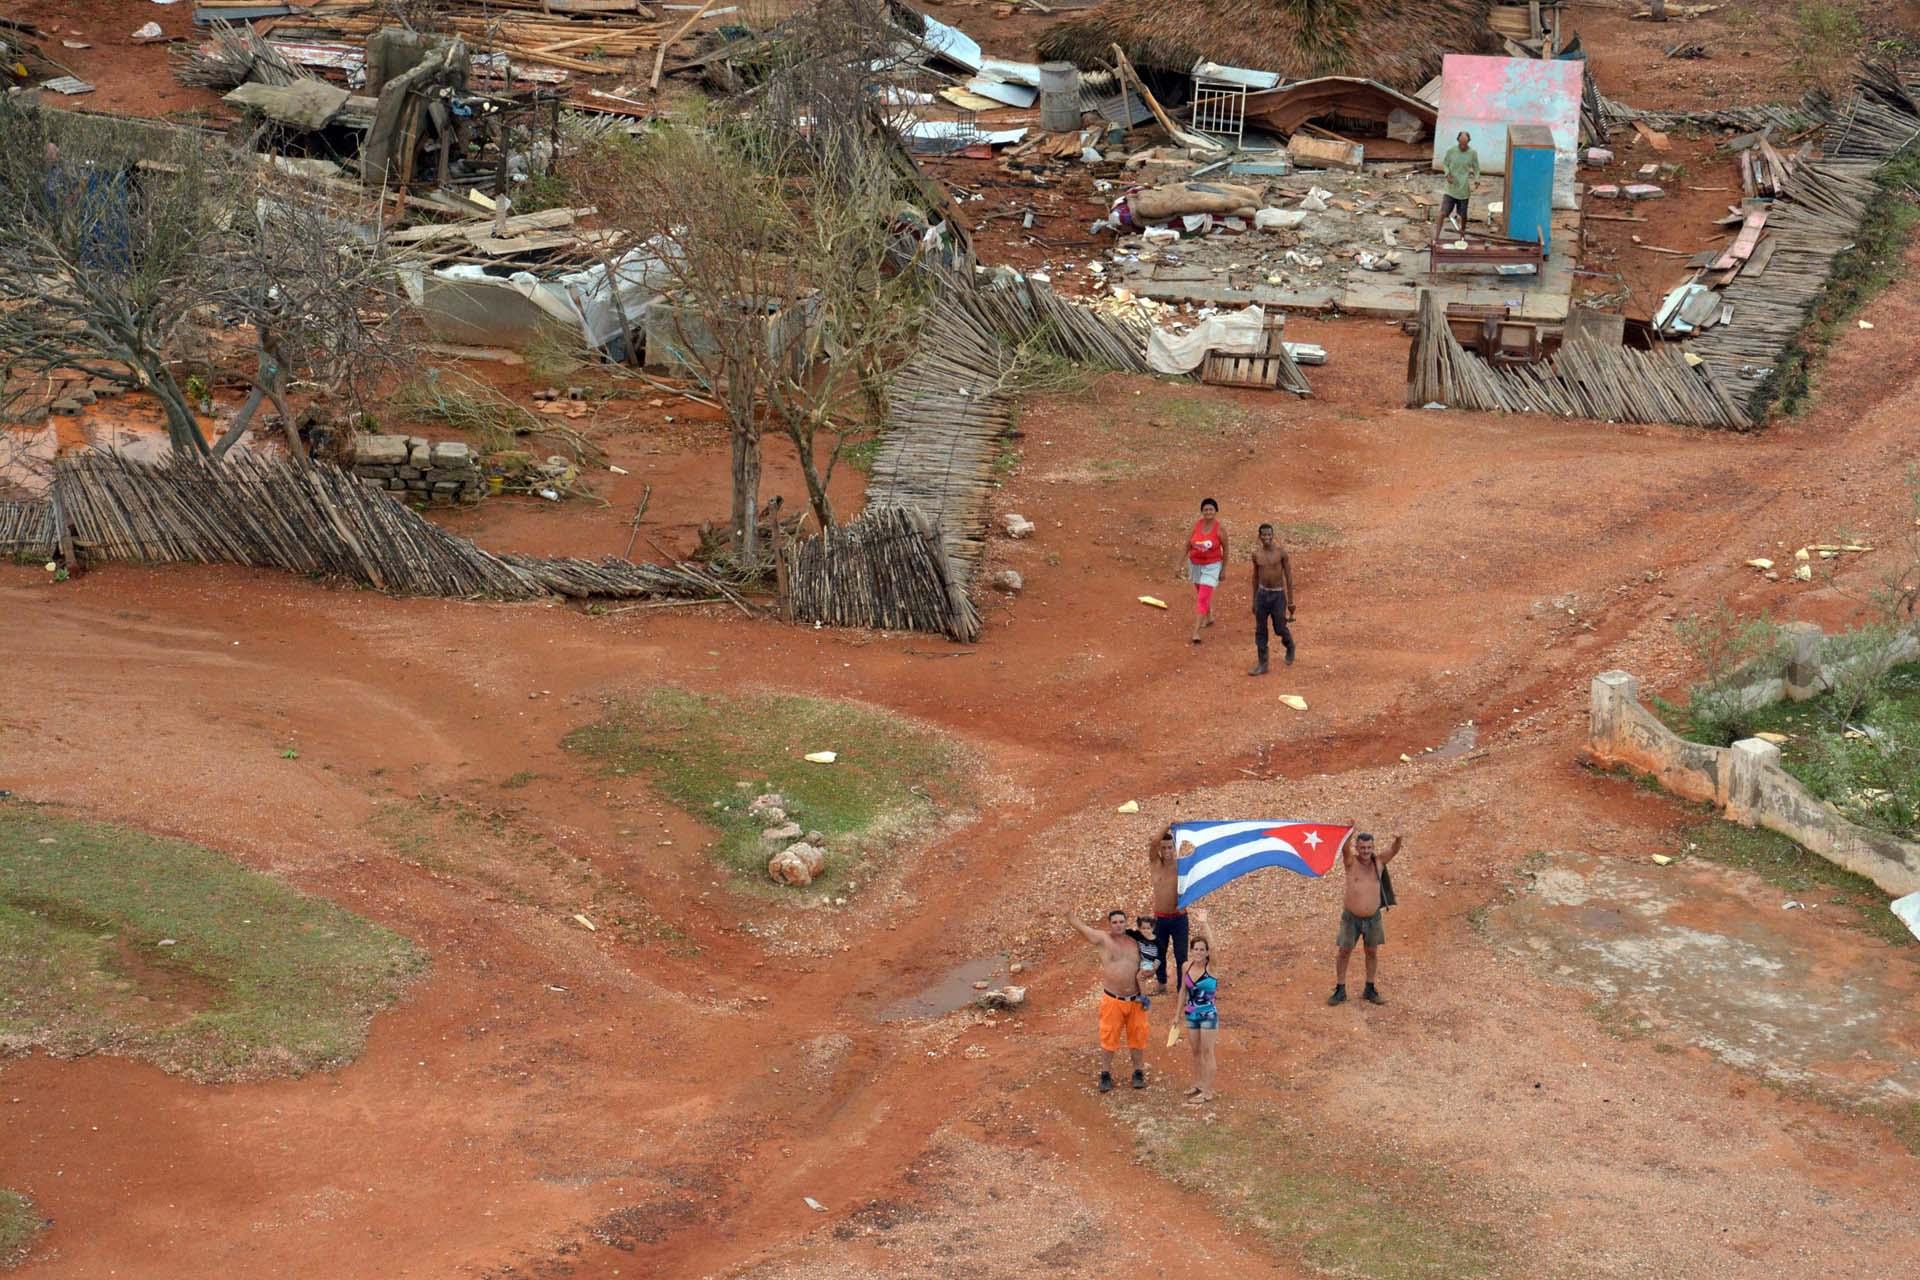 Vistas aéreas del municipio Maisí, en la provincia de Guantánamo, Cuba, luego del paso del huracán Matthew, el 6 de octubre de 2016. ACN FOTO/Juan Pablo CARRERAS.